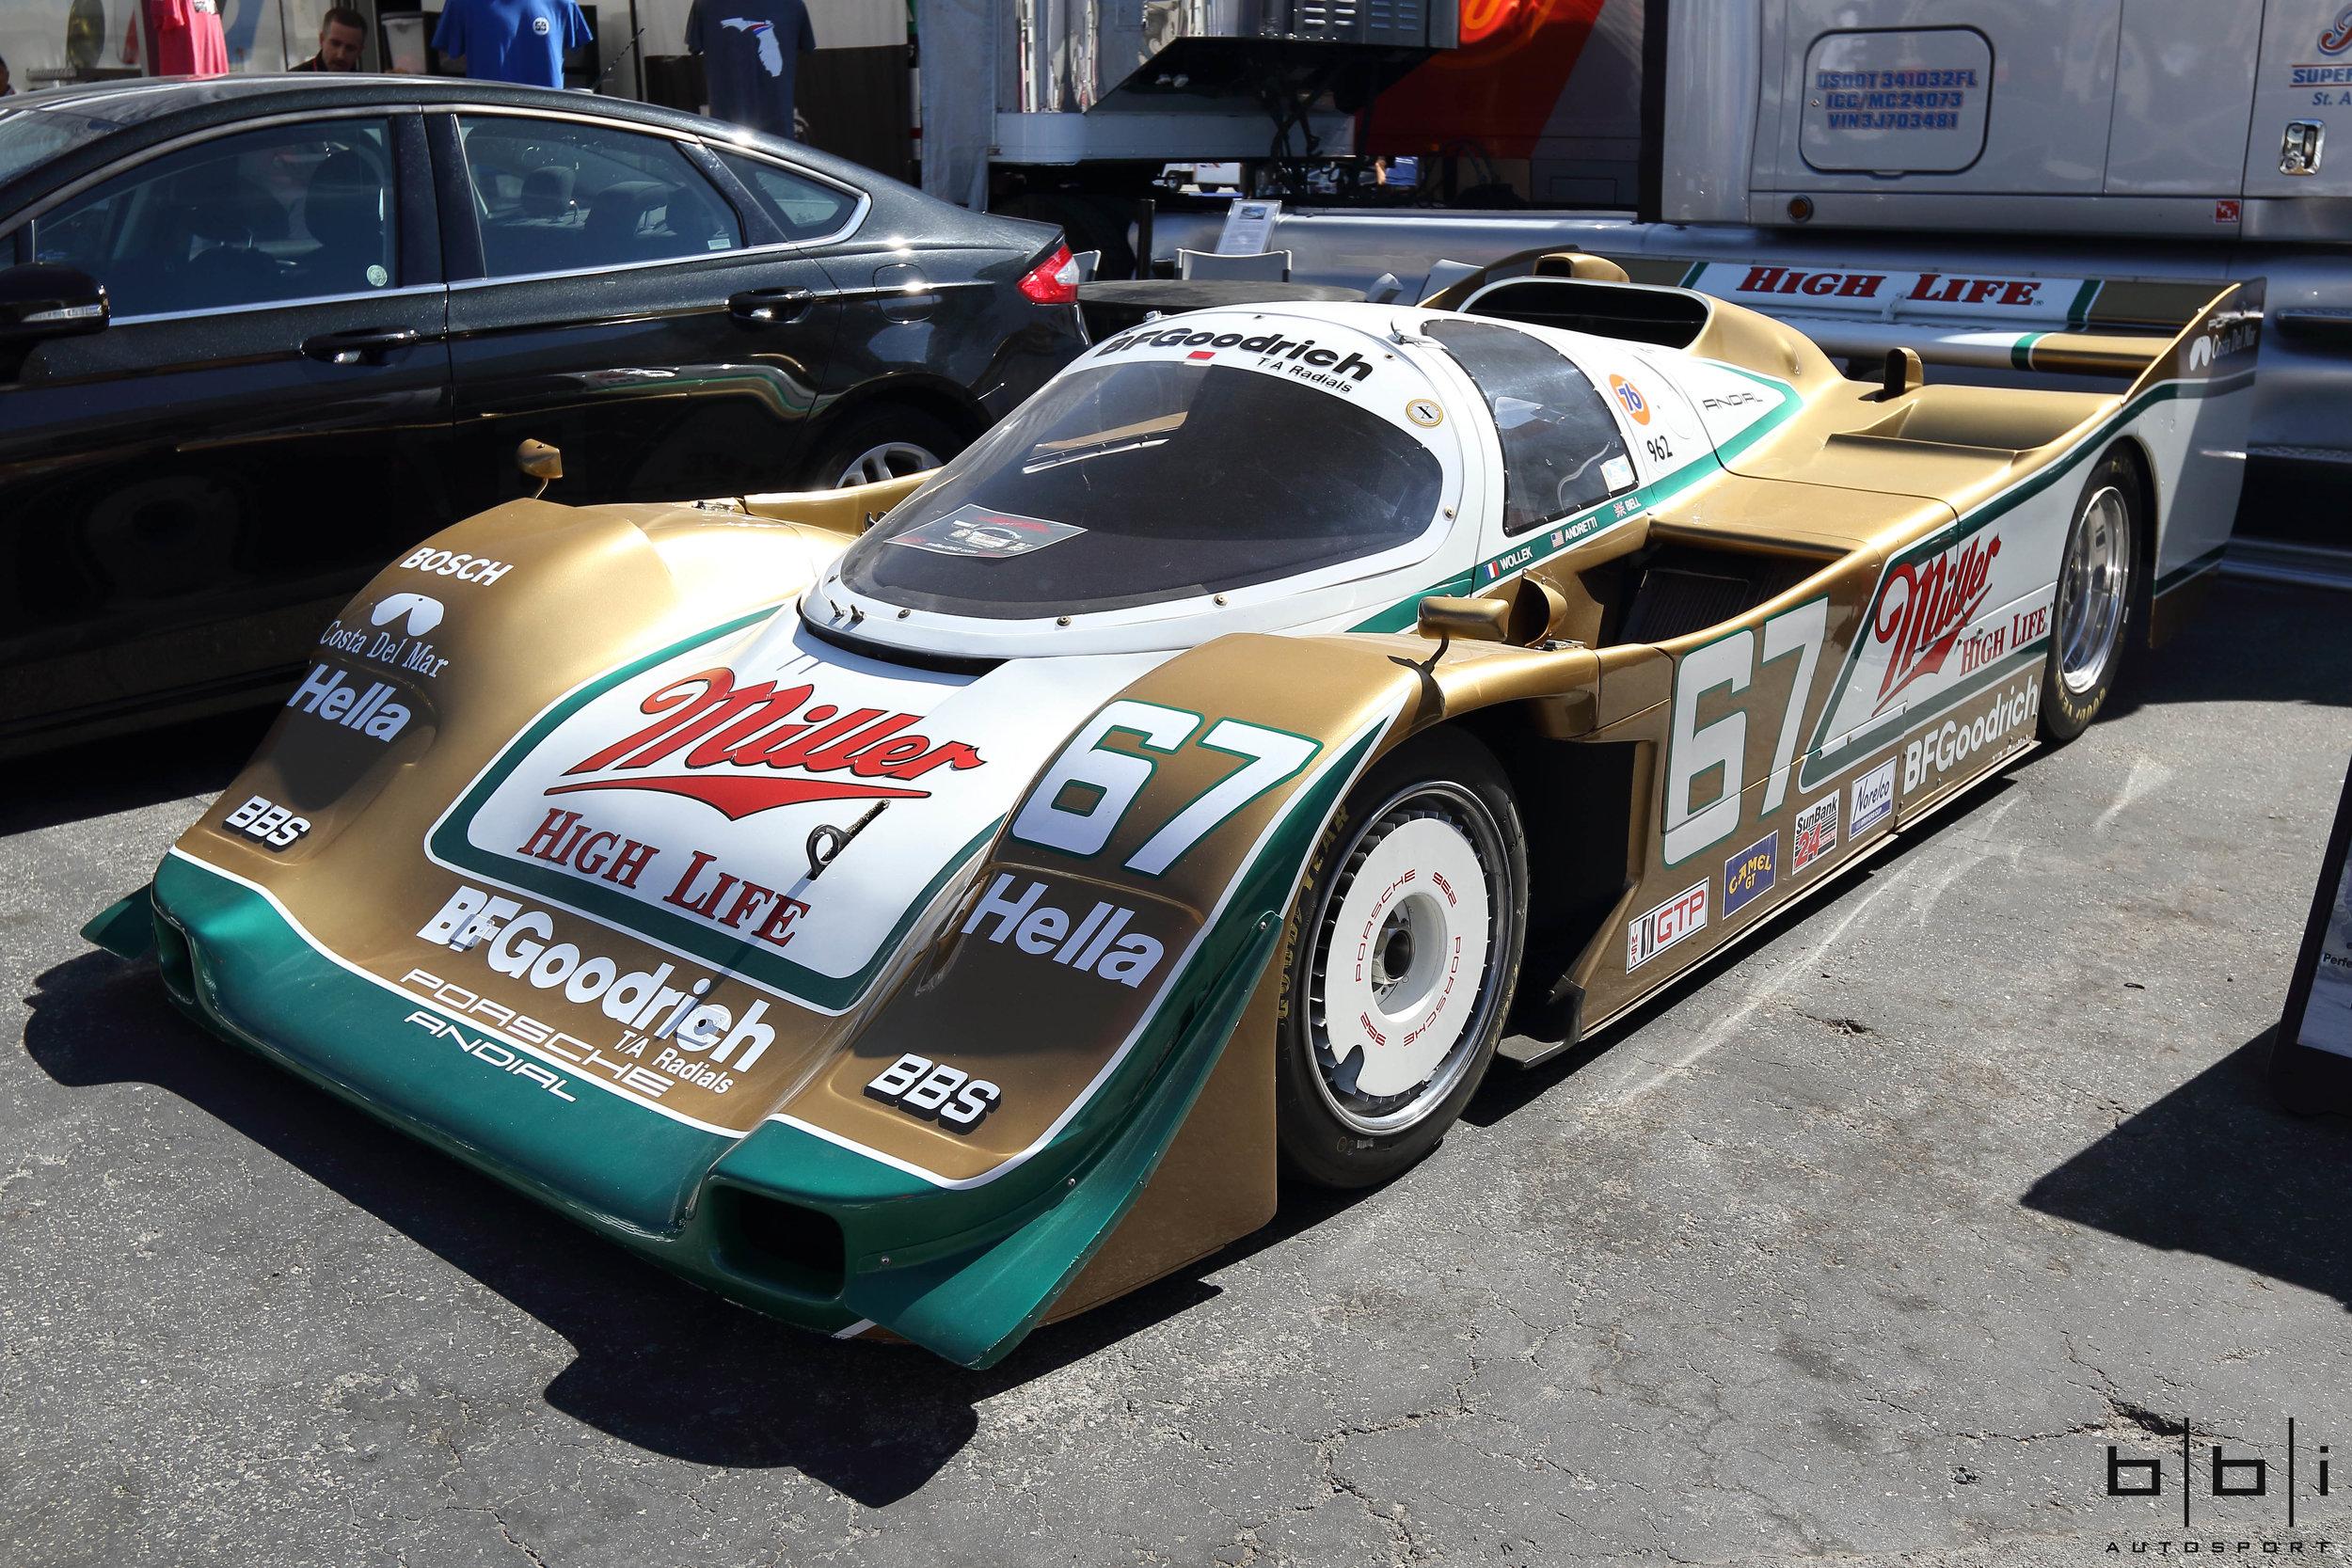 1989 Miller High Life Porsche 962 Daytona 24 Hour Winner, Driven by Derek Bell.